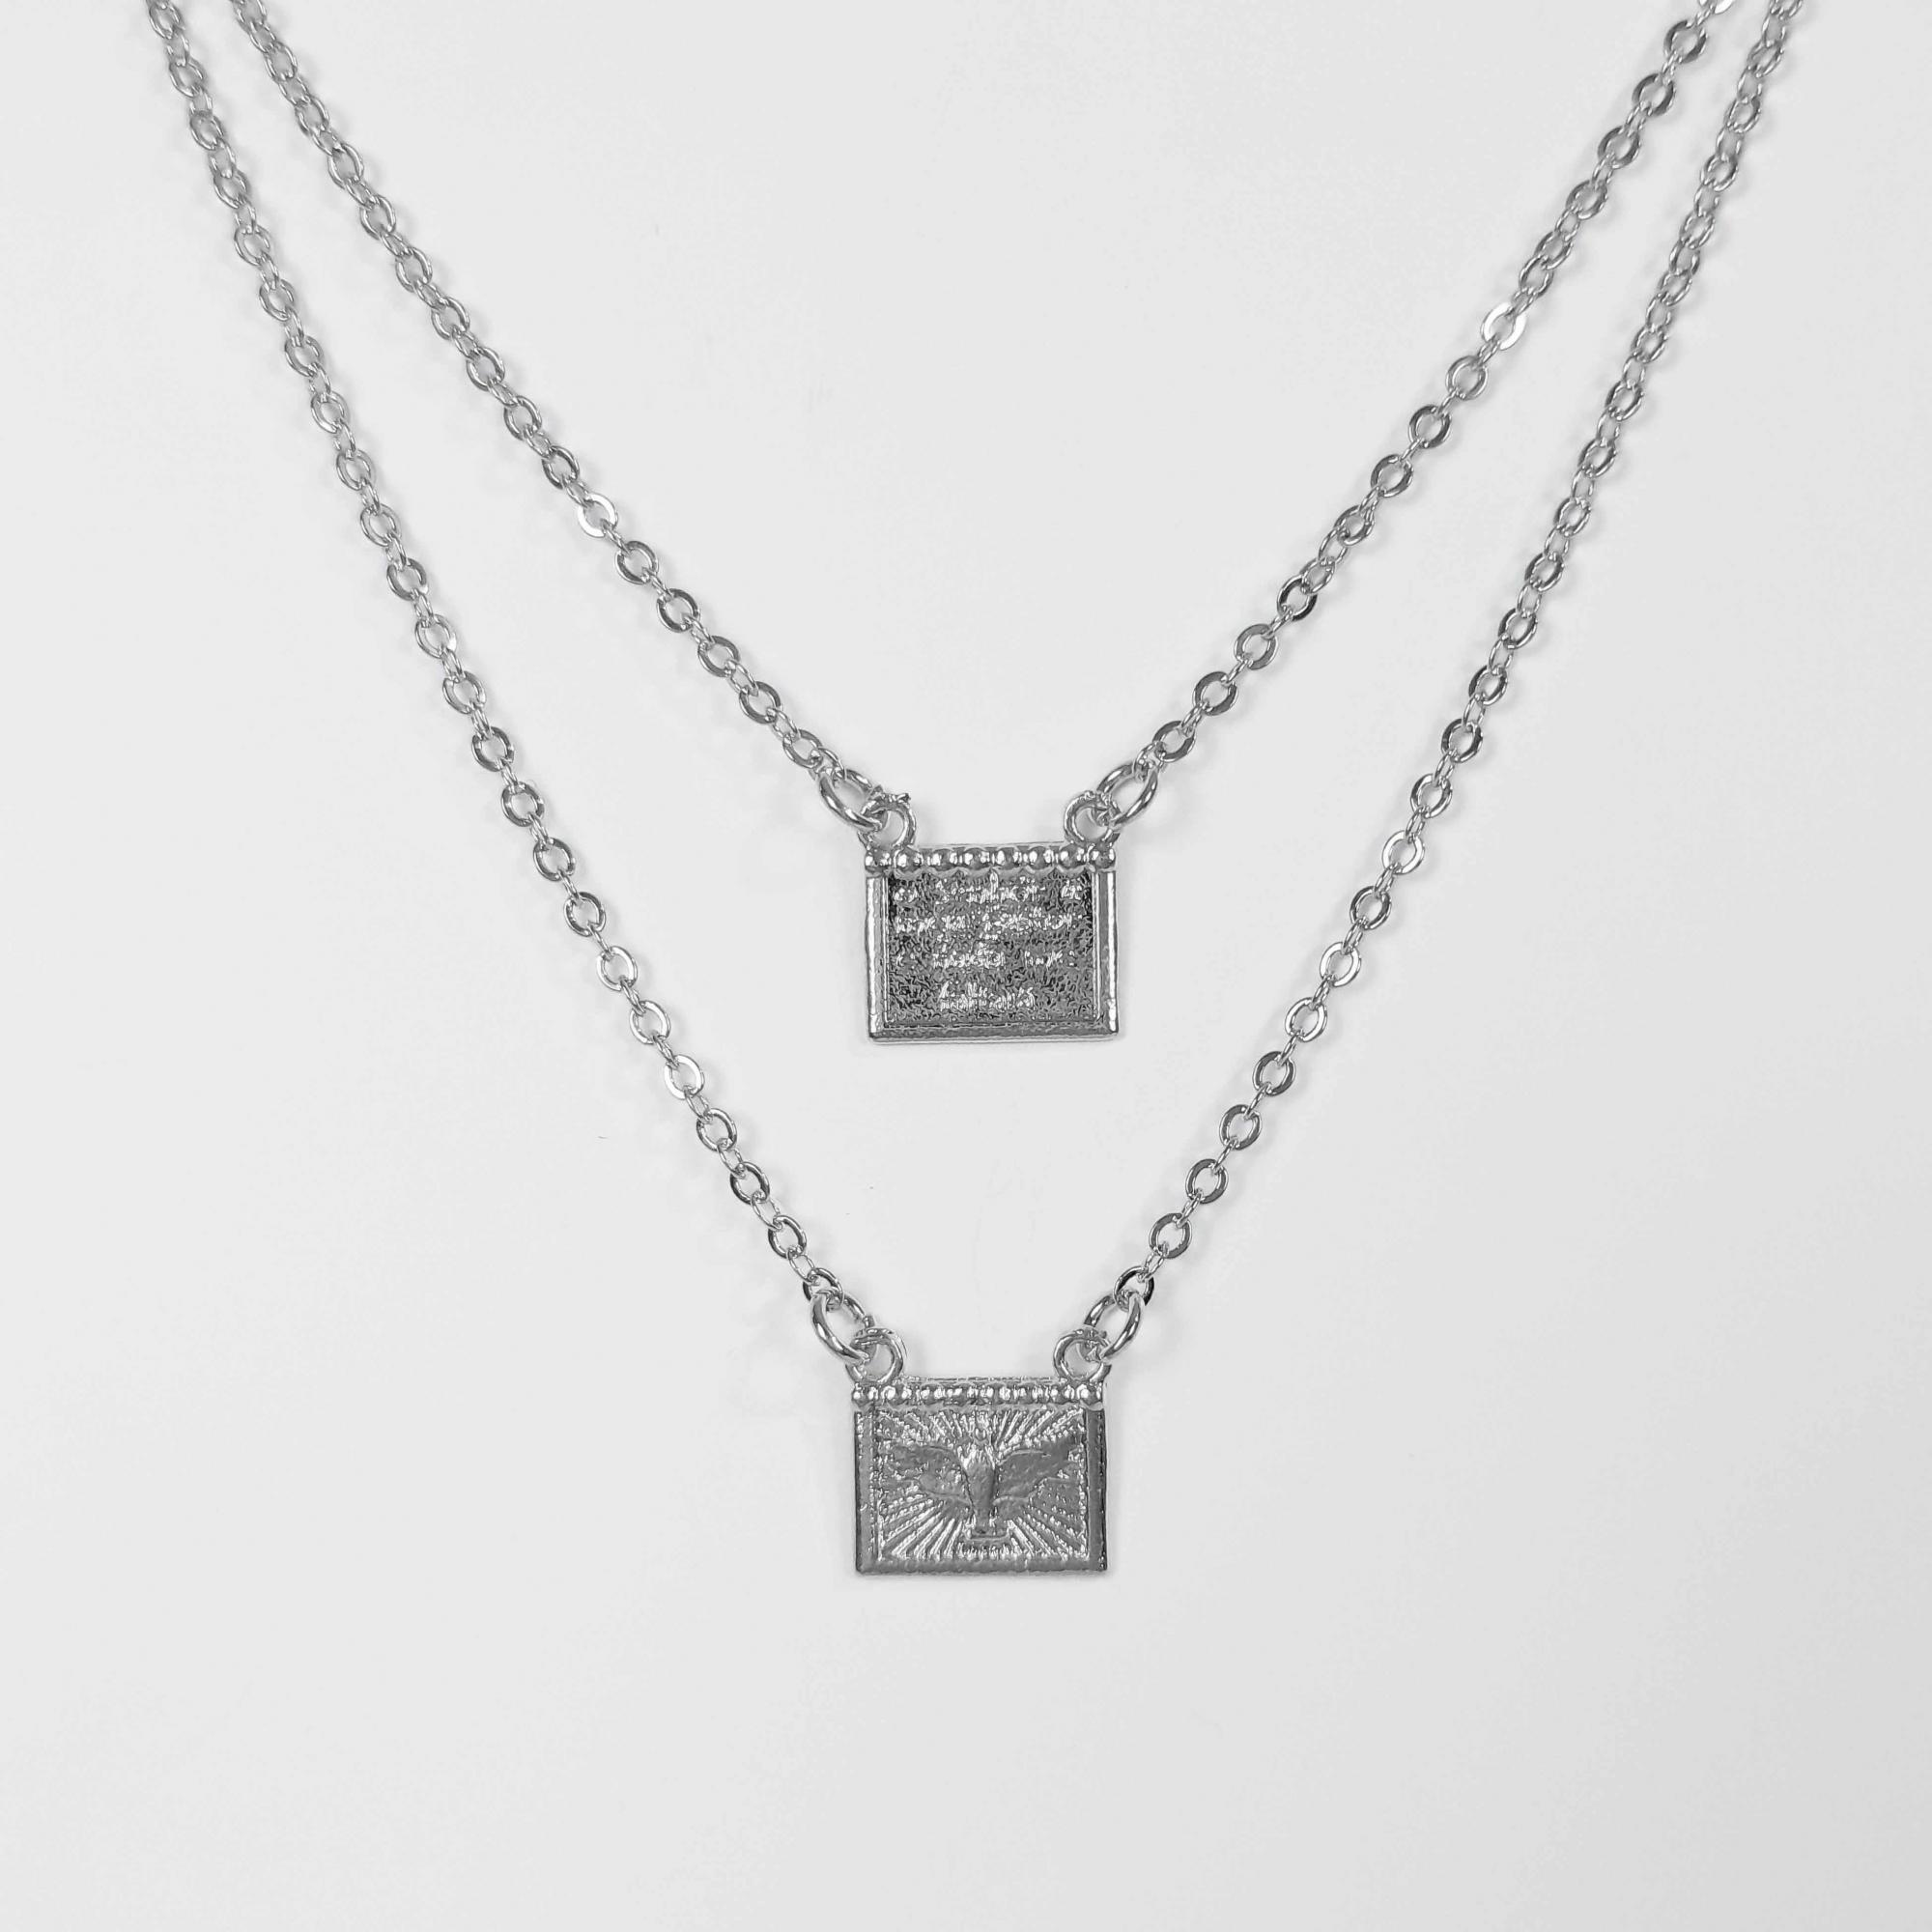 Escapulário Espirito Santo com Mensagem 60cm Folheado Prata 1000  - Lunozê Joias